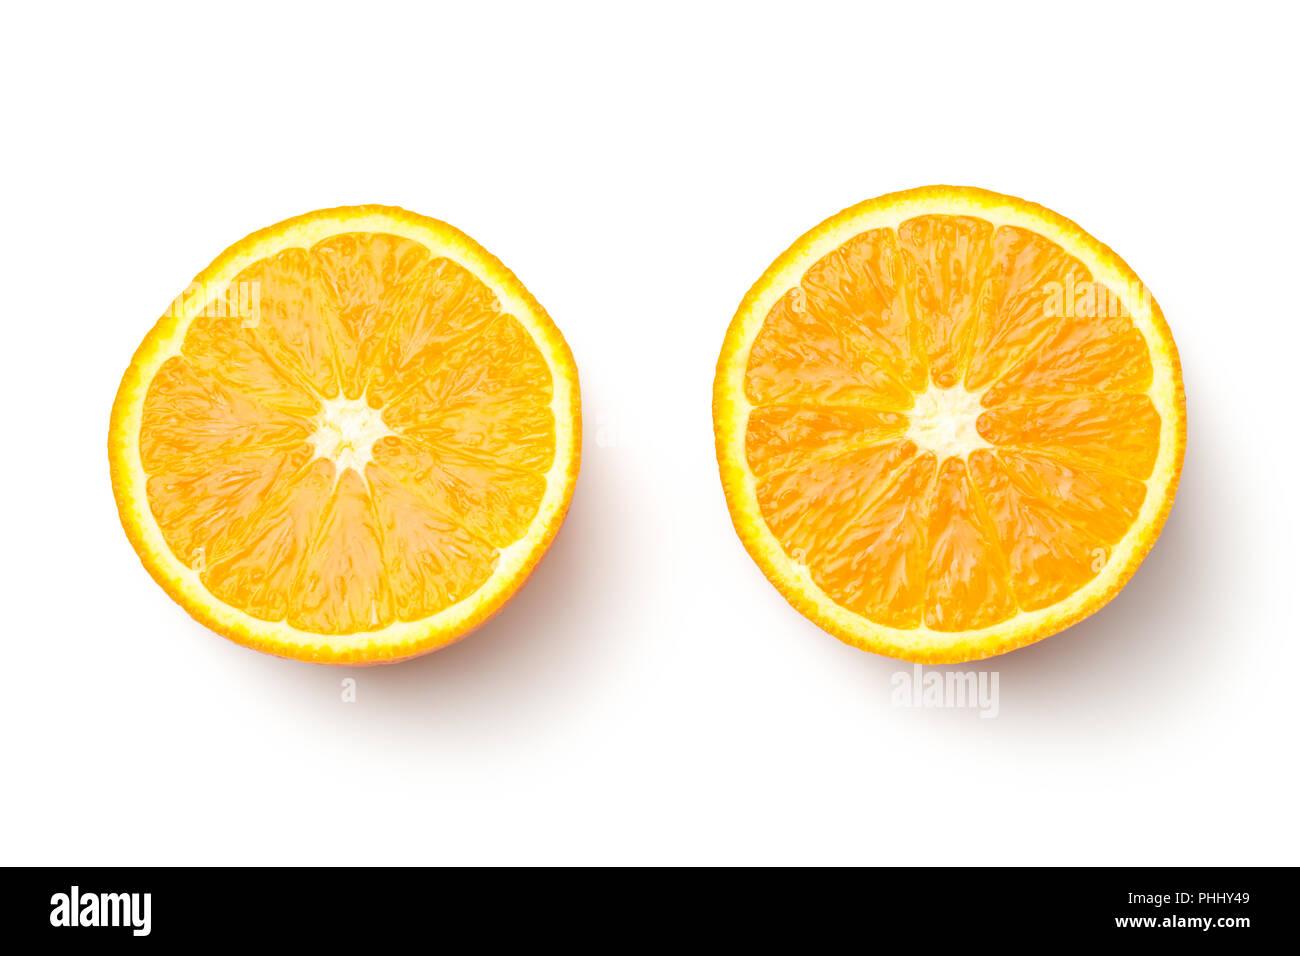 Orange Isolated on White Background - Stock Image